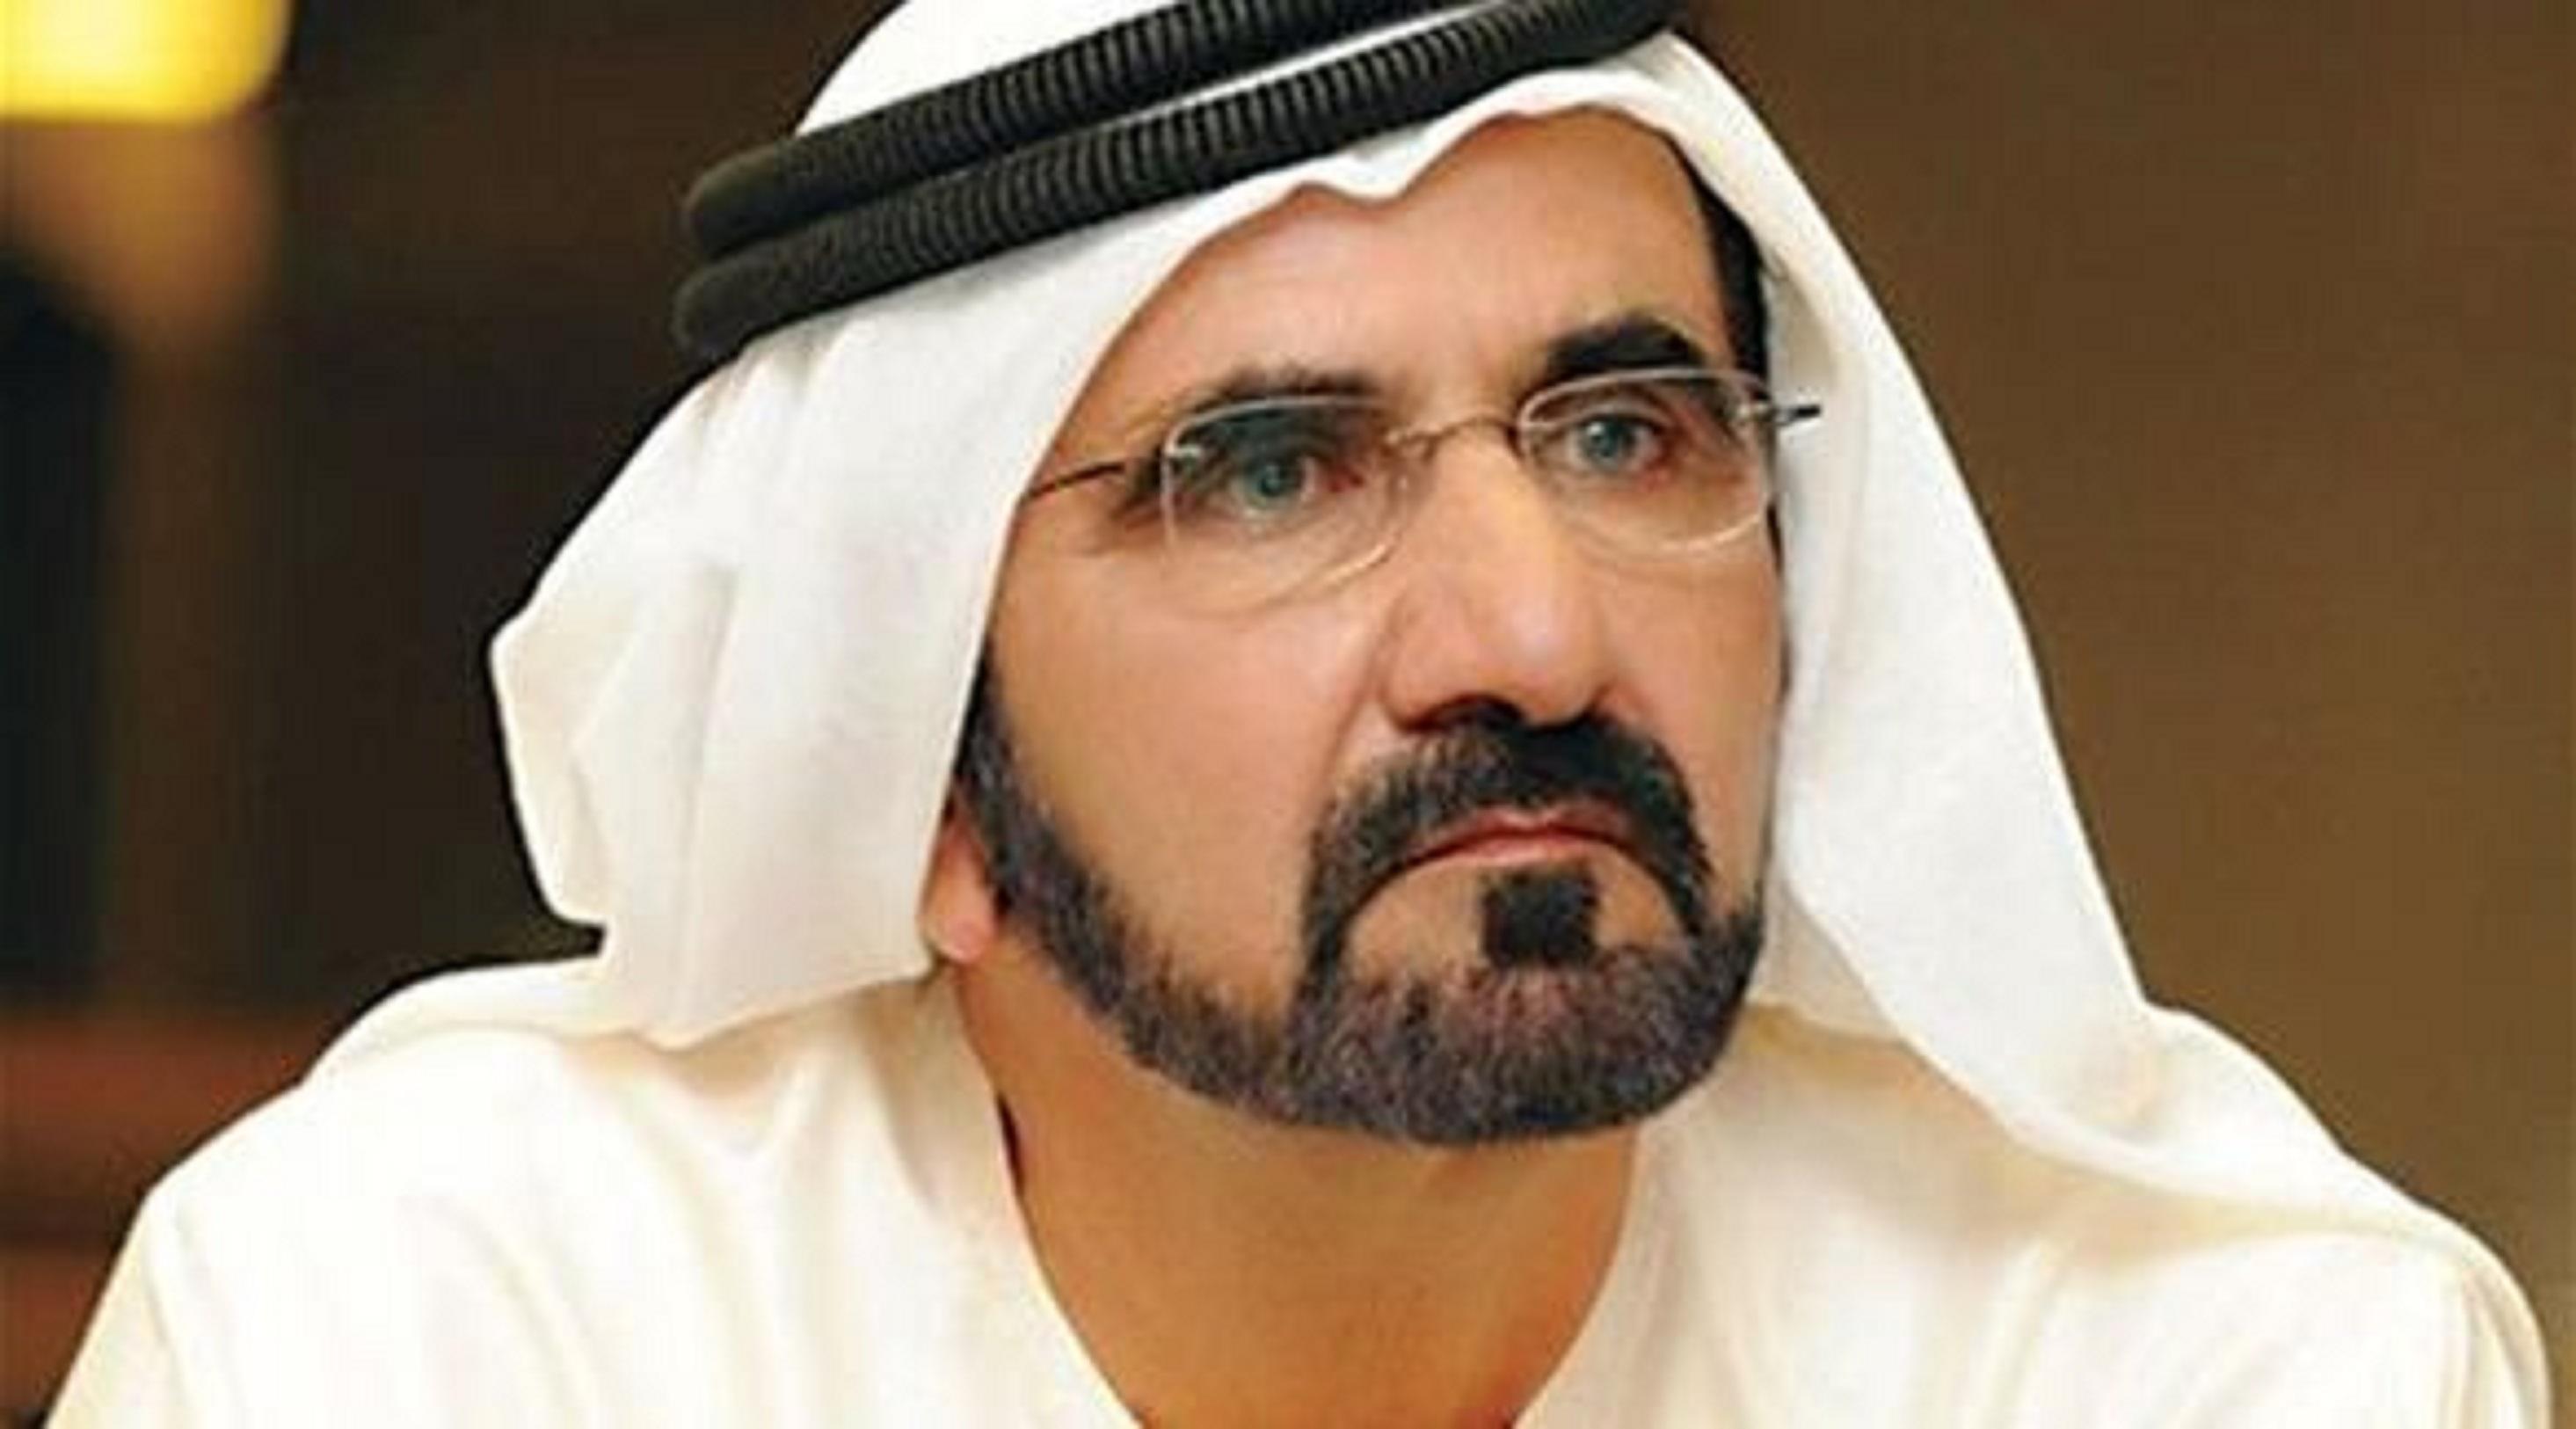 محمد بن راشد ينشر قصيدة عن الأزمة الخليجية.. ويتحدث عن قطر